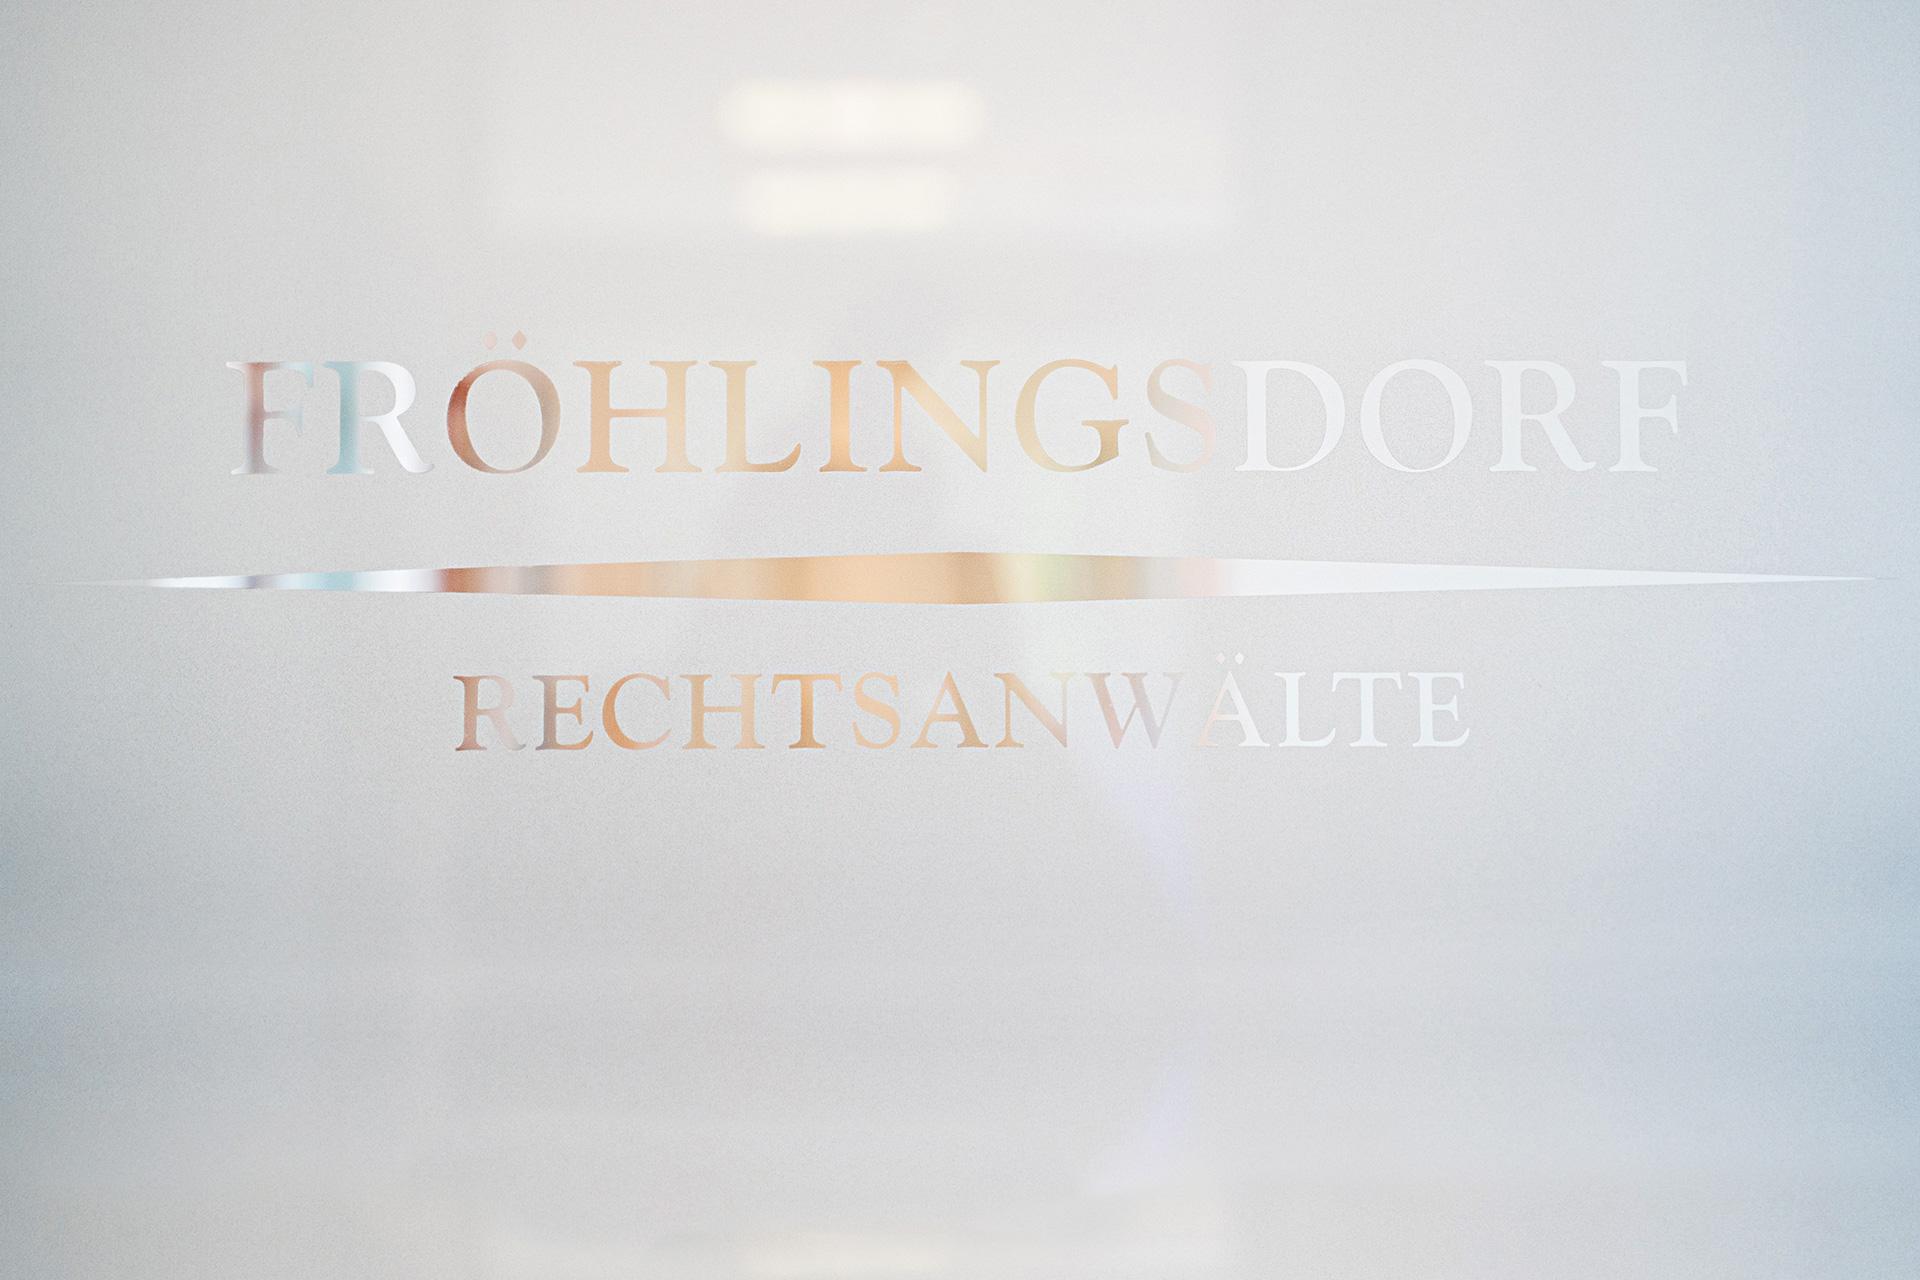 Rechtsanwälte Fröhlingsdorf - Ihr Recht in guten Händen